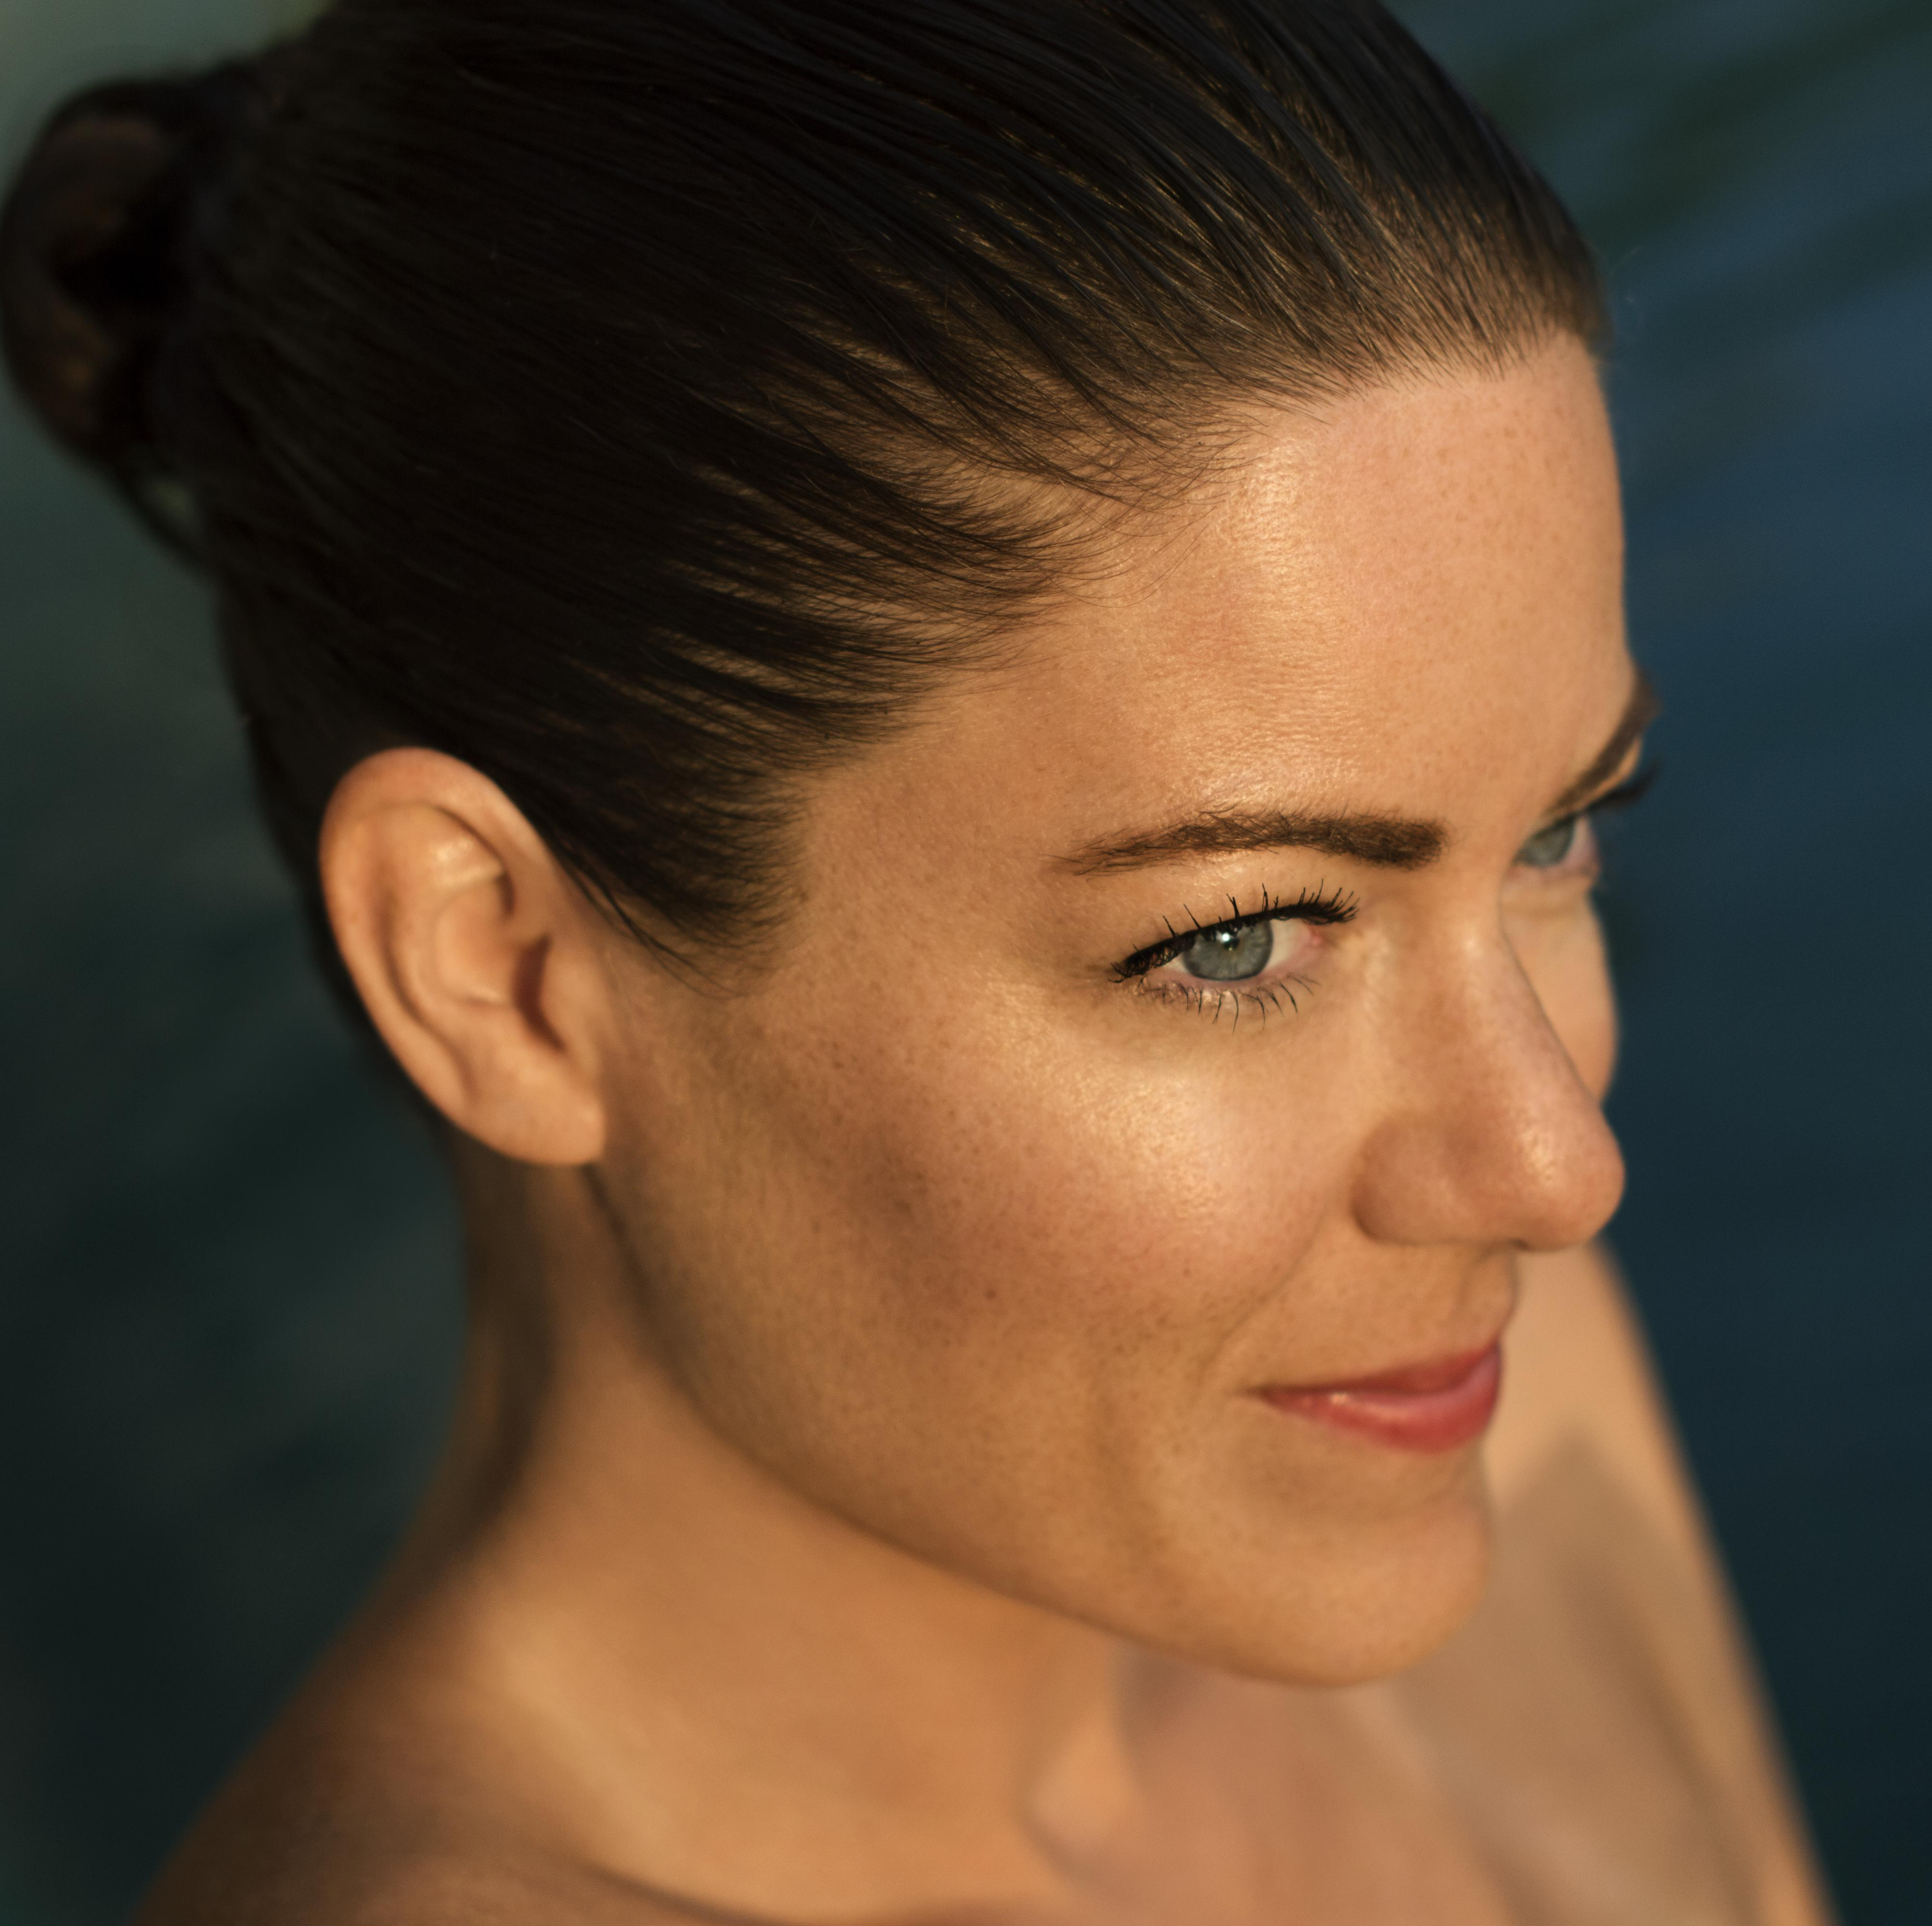 Emilie-Claire Barlow Nude Photos 51